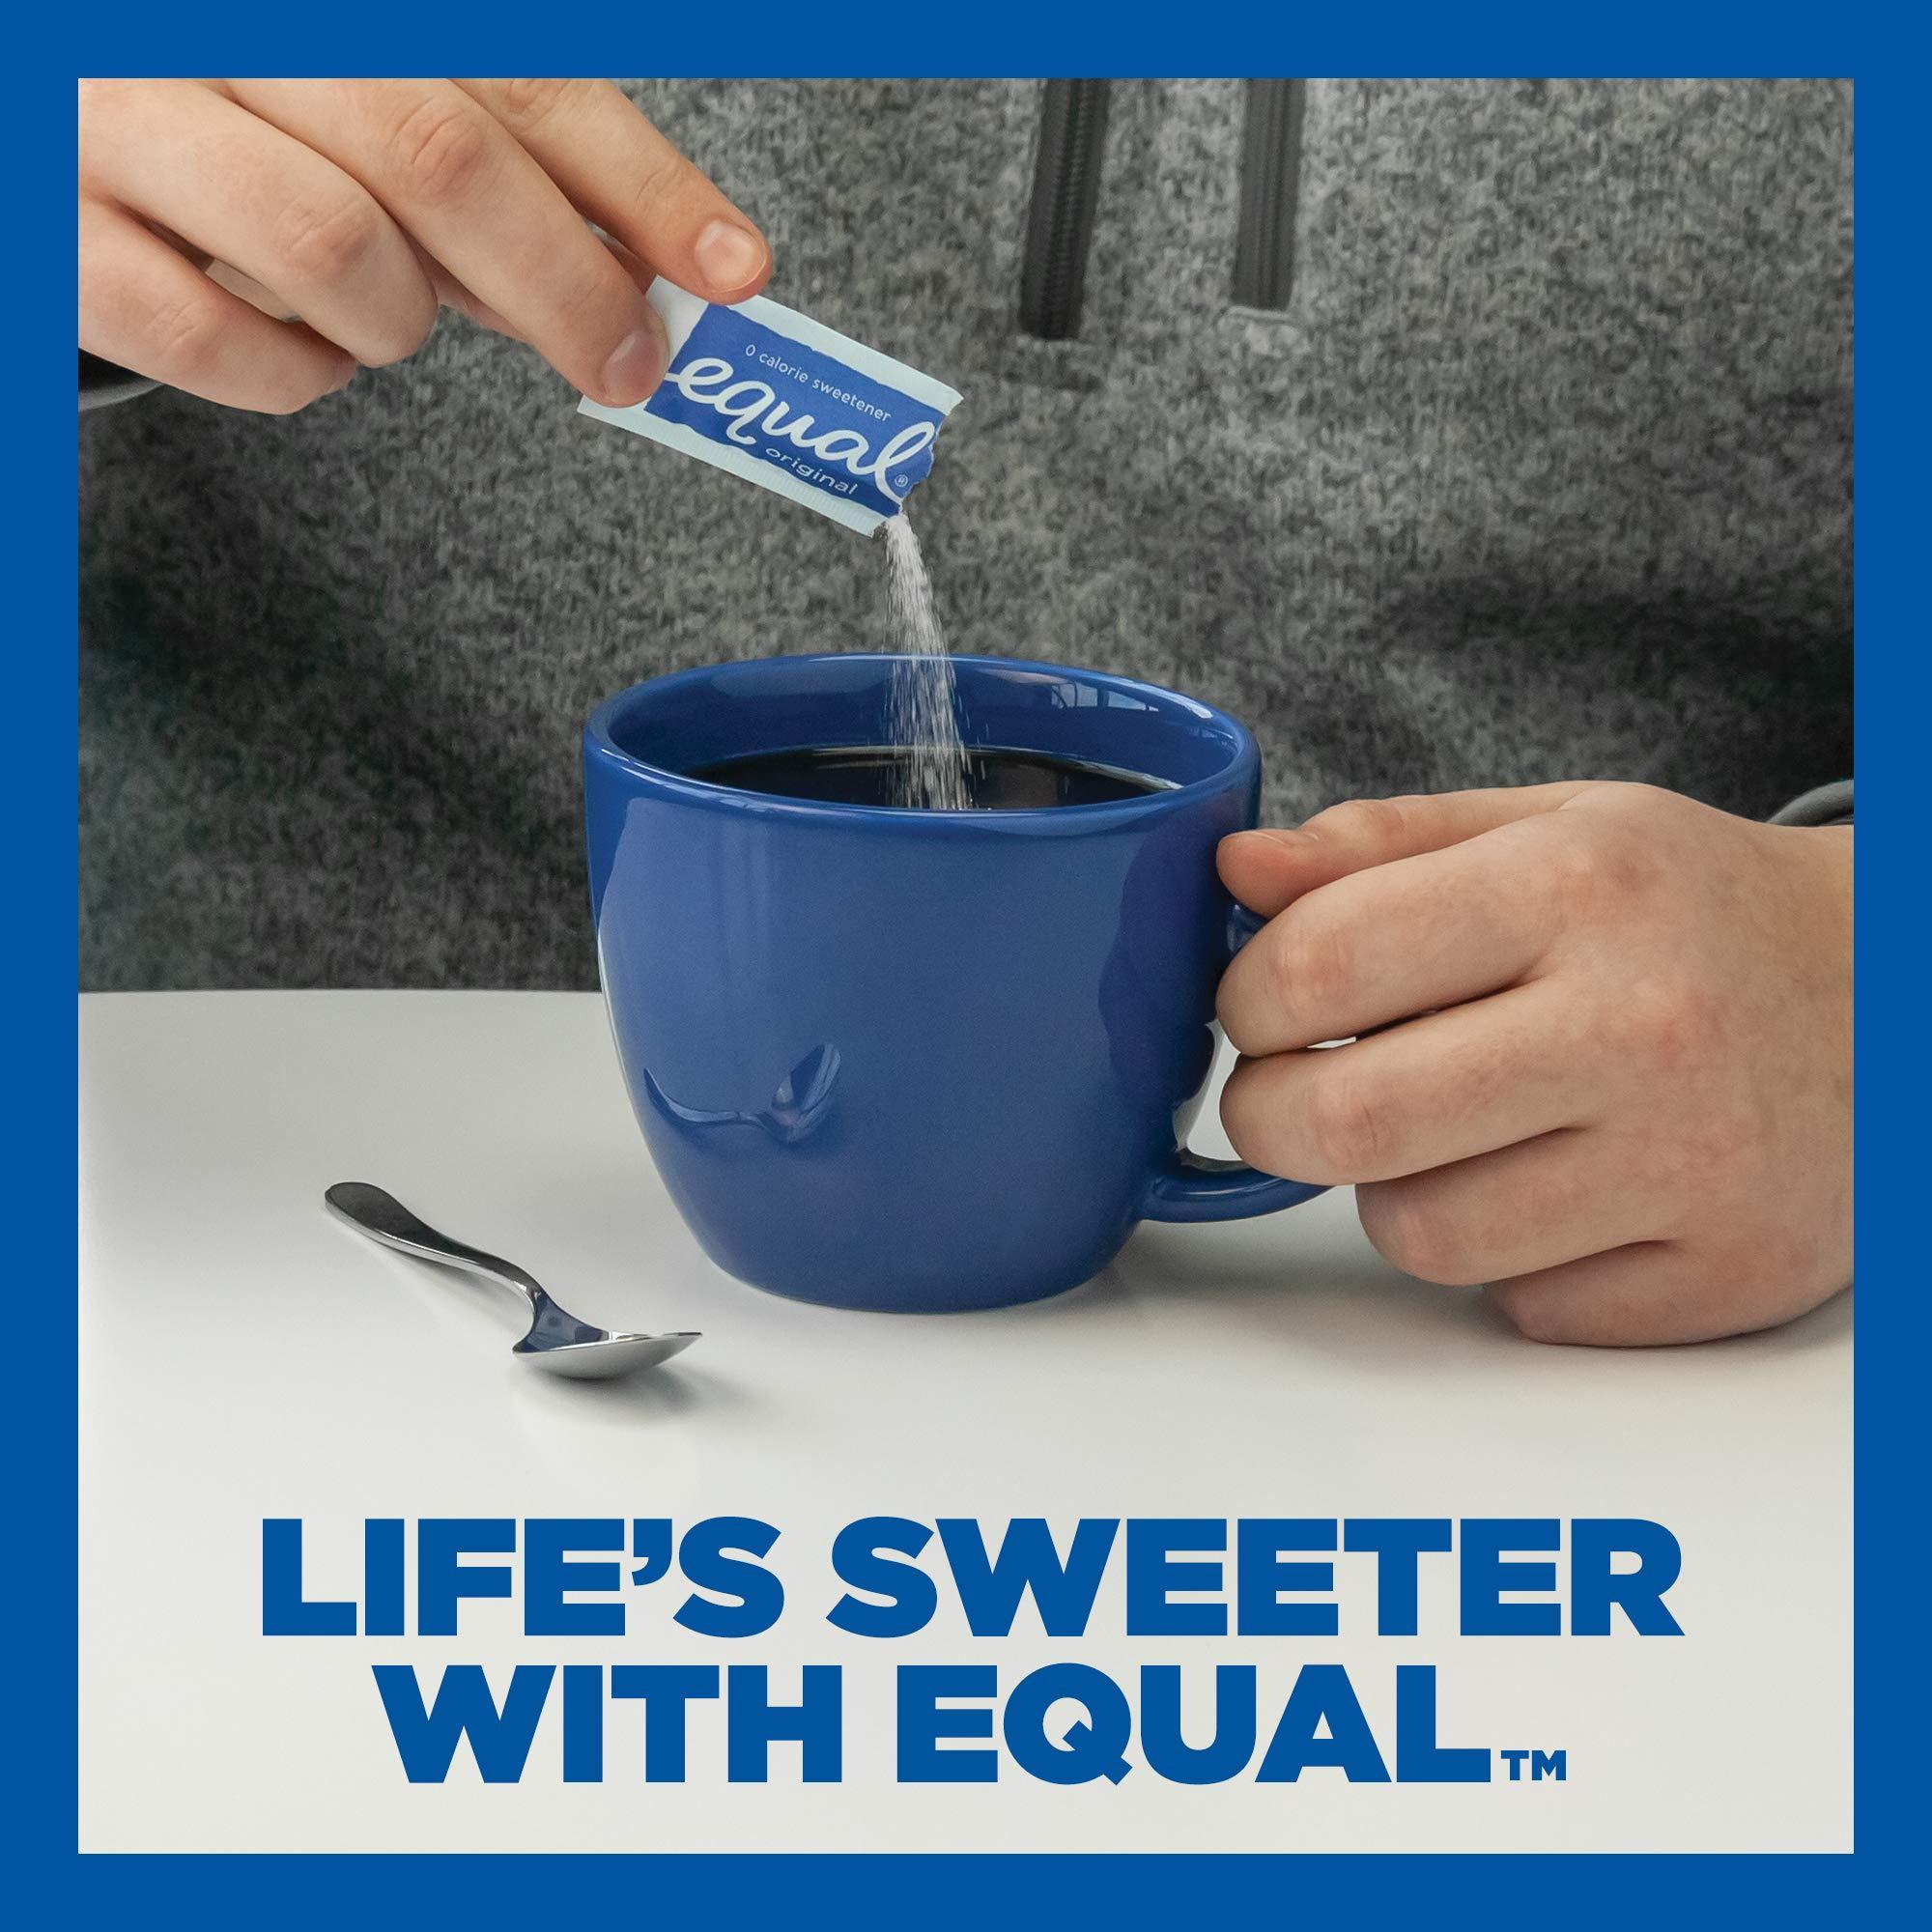 EQUAL 0 Calorie Sweetener, Sugar Substitute, Zero Calorie Sugar Alternative Sweetener Packets, Sugar Alternative, 50 Count (Pack of 12) by Equal (Image #5)